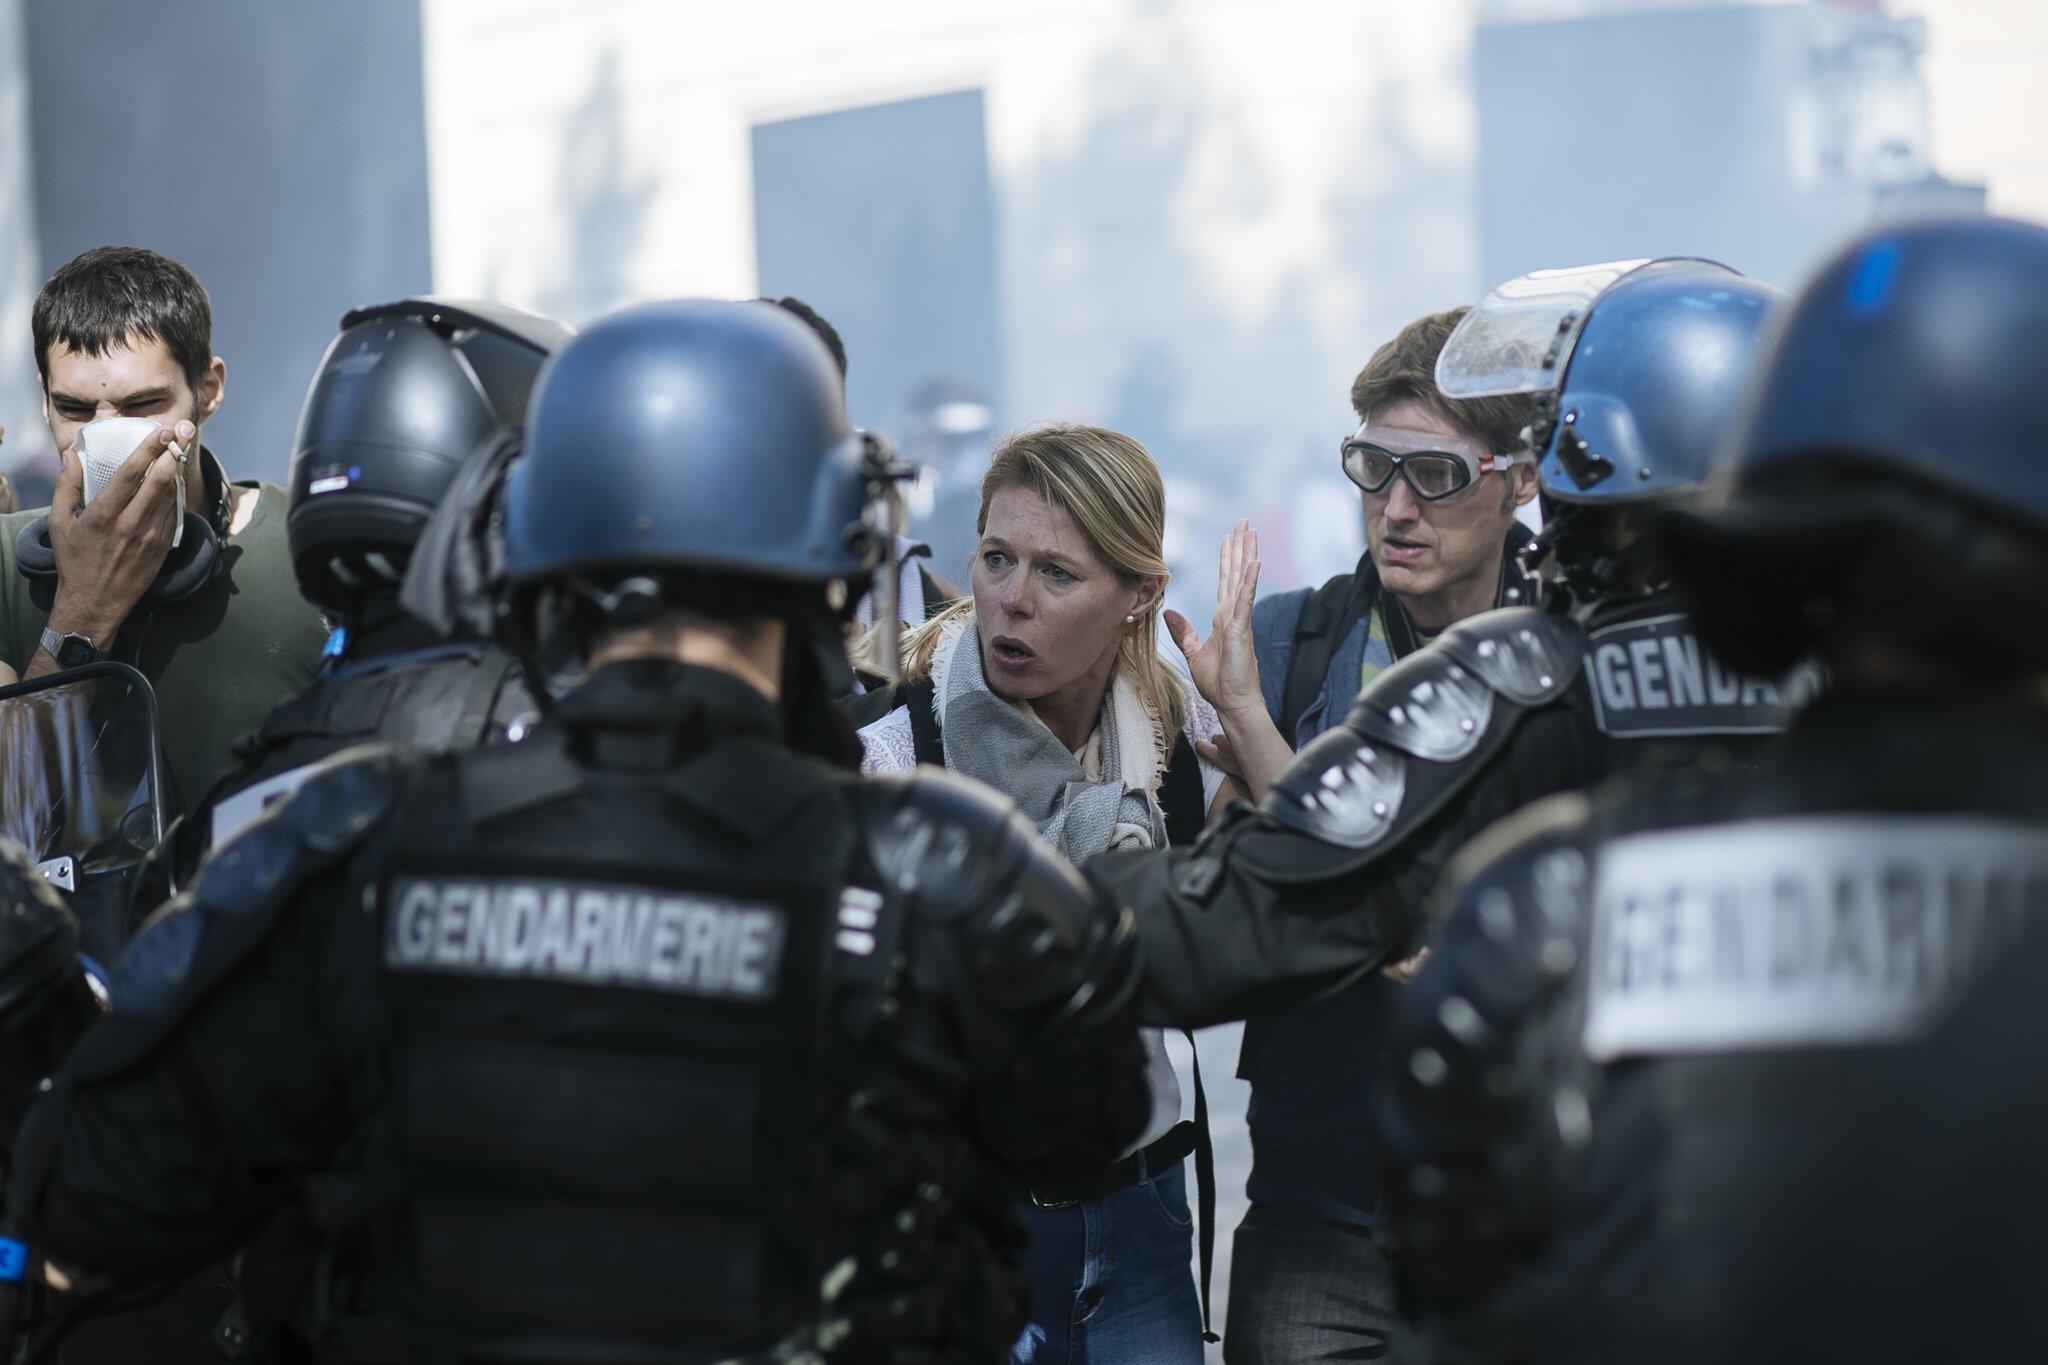 Ausschreitungen bei Klimaschutz-Demo in Paris - 152 Personen festgenommen